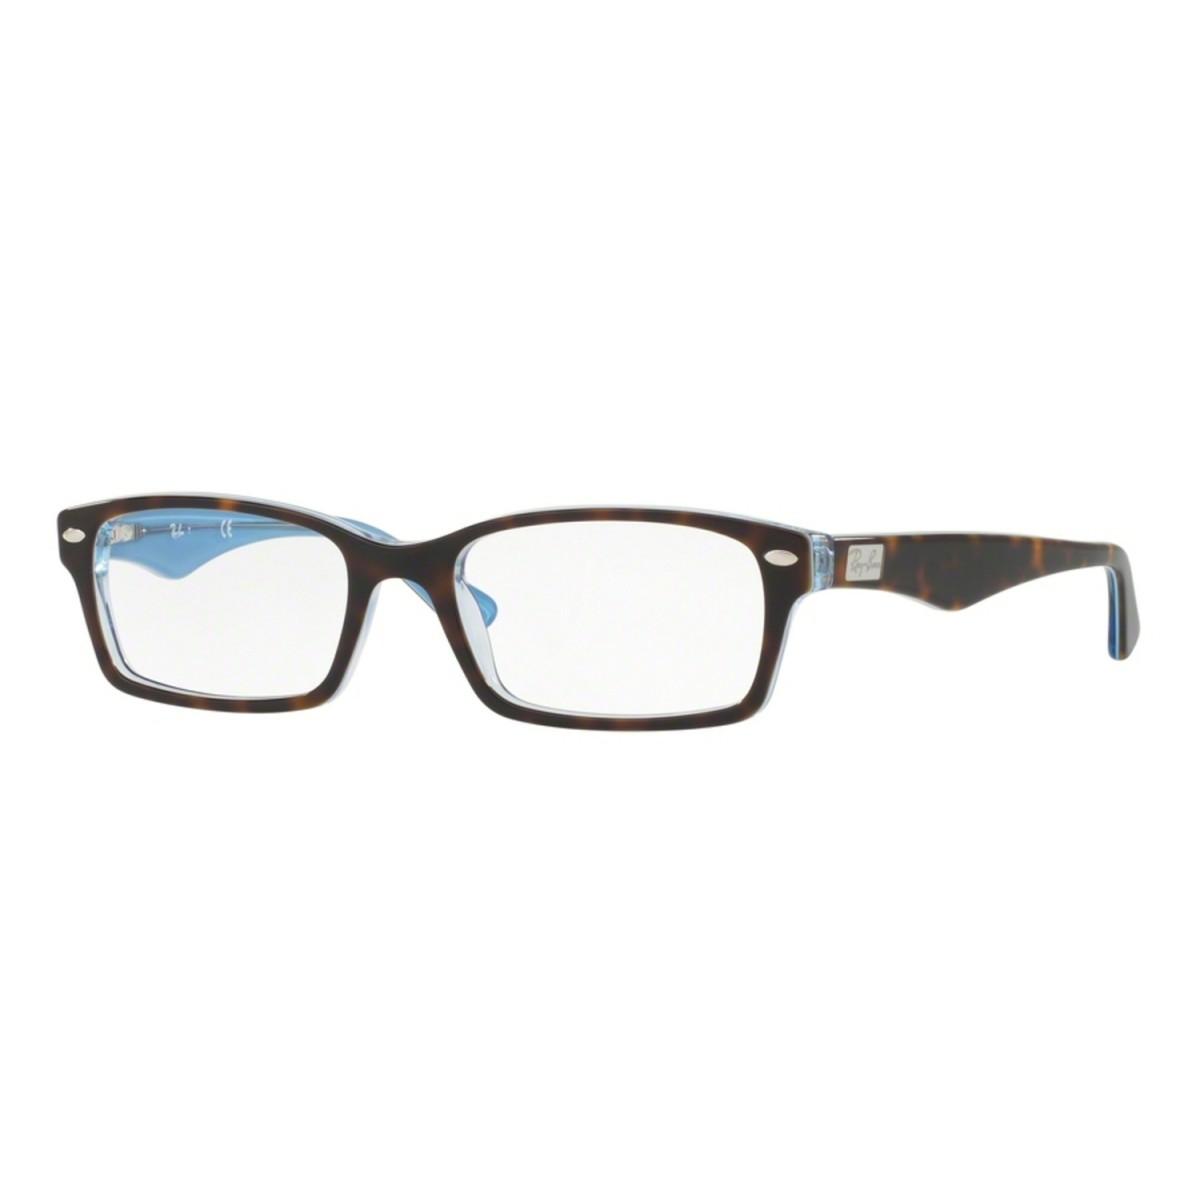 e3b55ffc90d3c Óculos de Grau Ray Ban Pequeno RB5206 5023 Tam.54Ray Ban OriginalRay ...